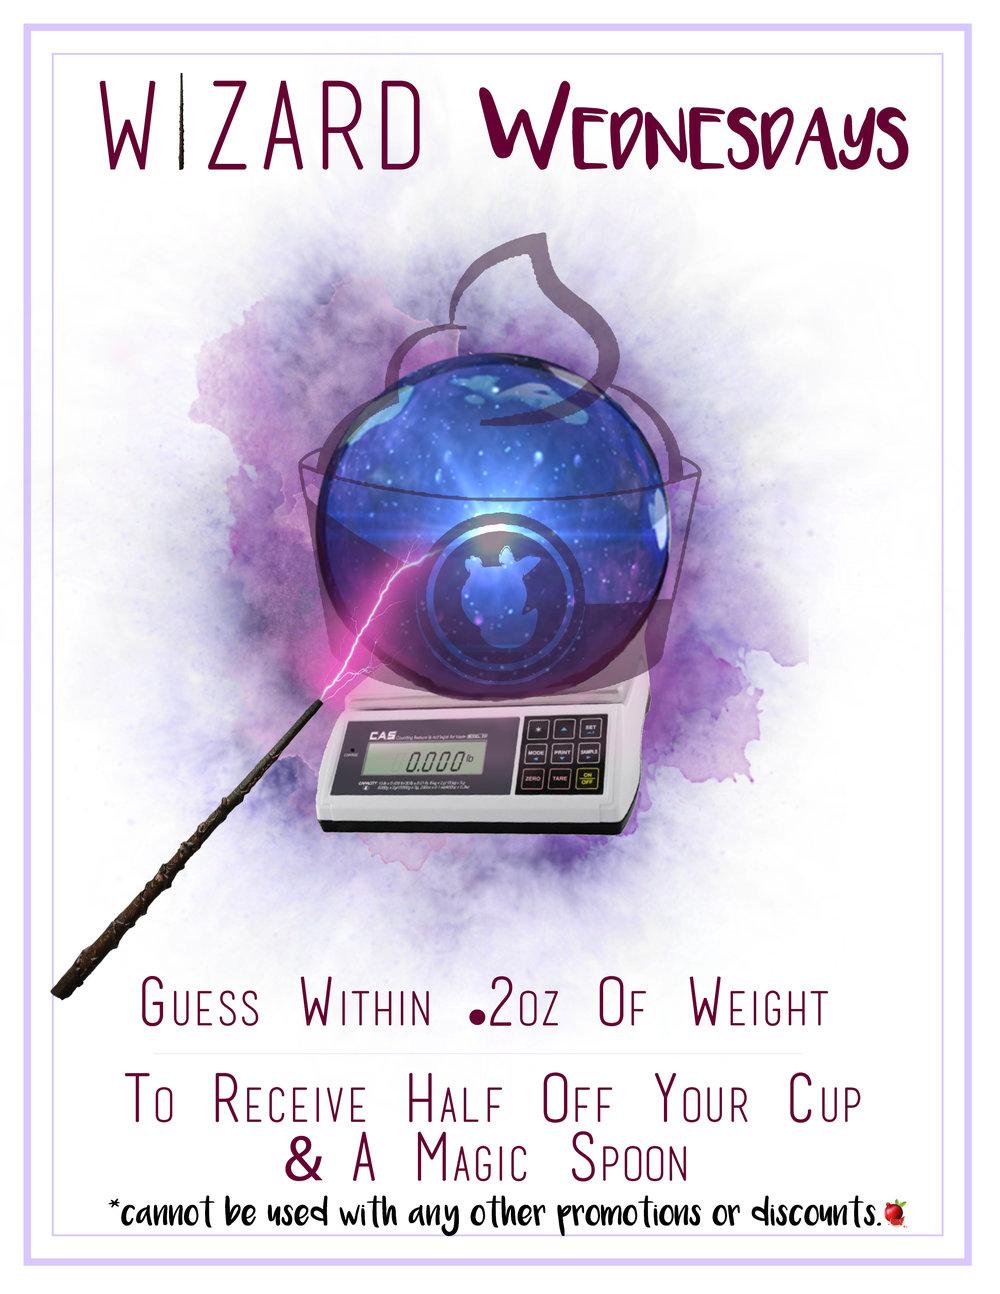 wizardwedp.jpg